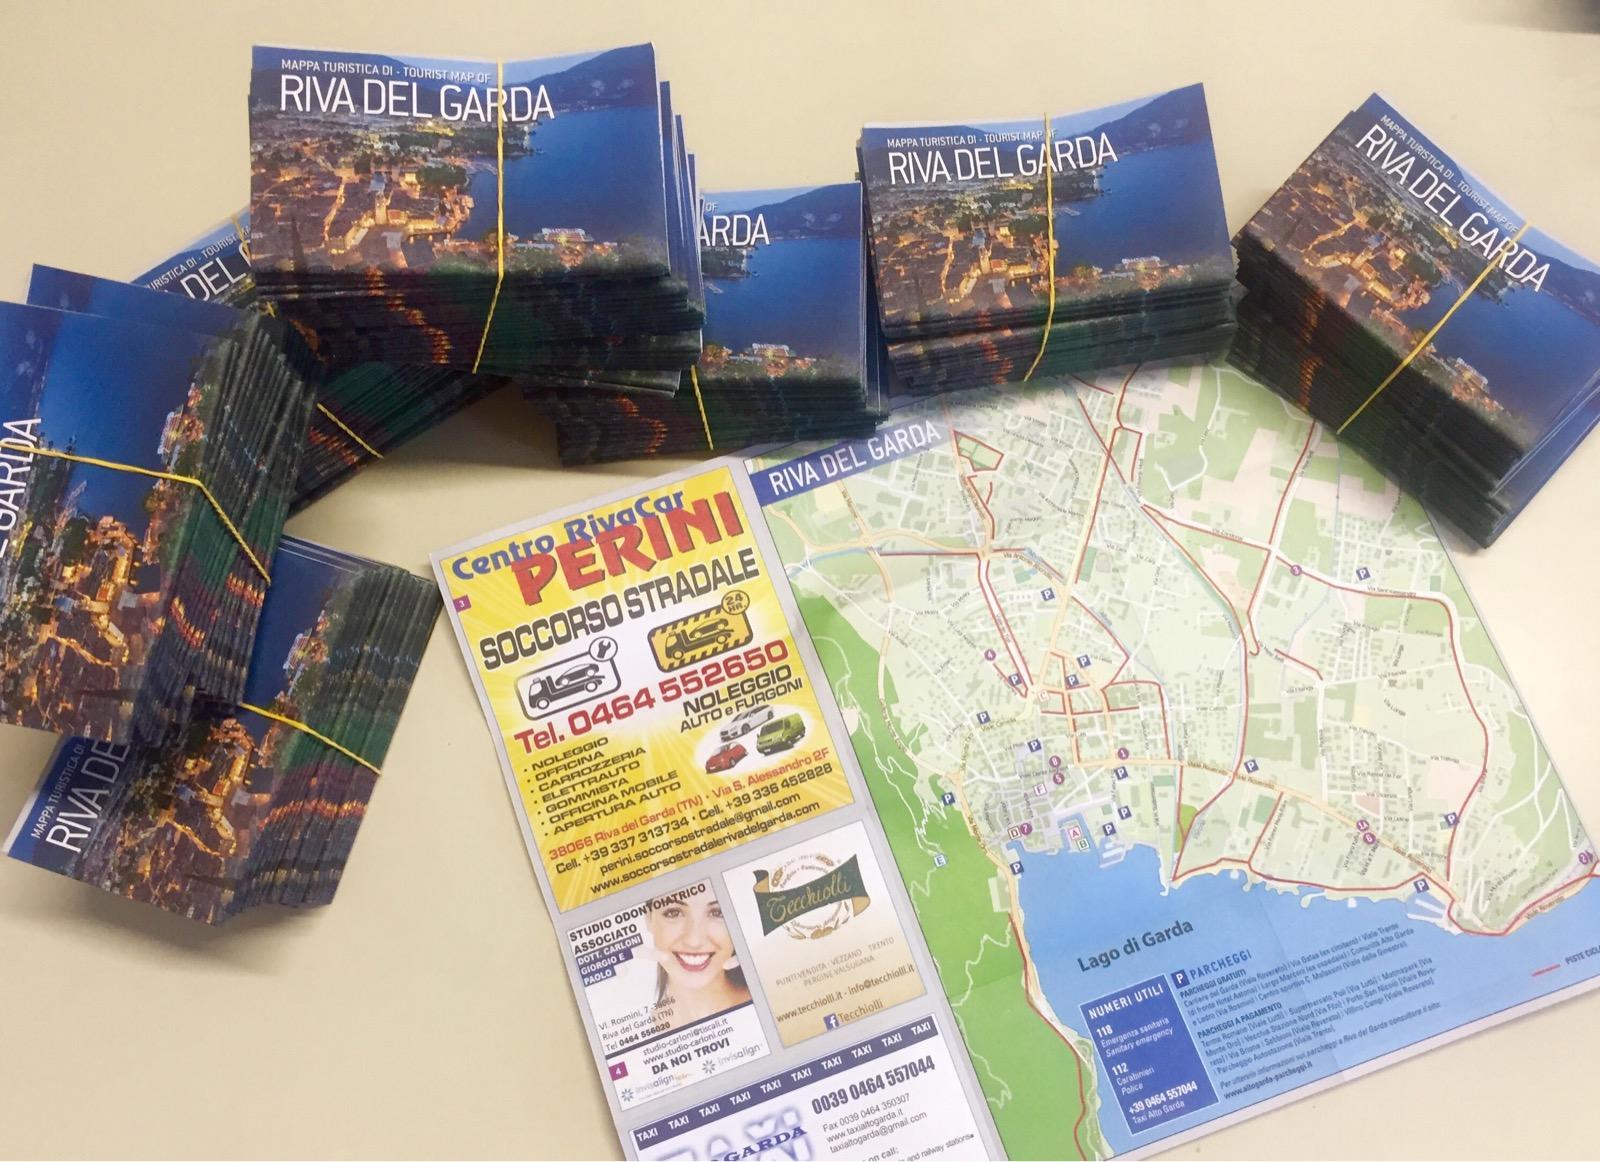 mappe turistiche di riva del garda